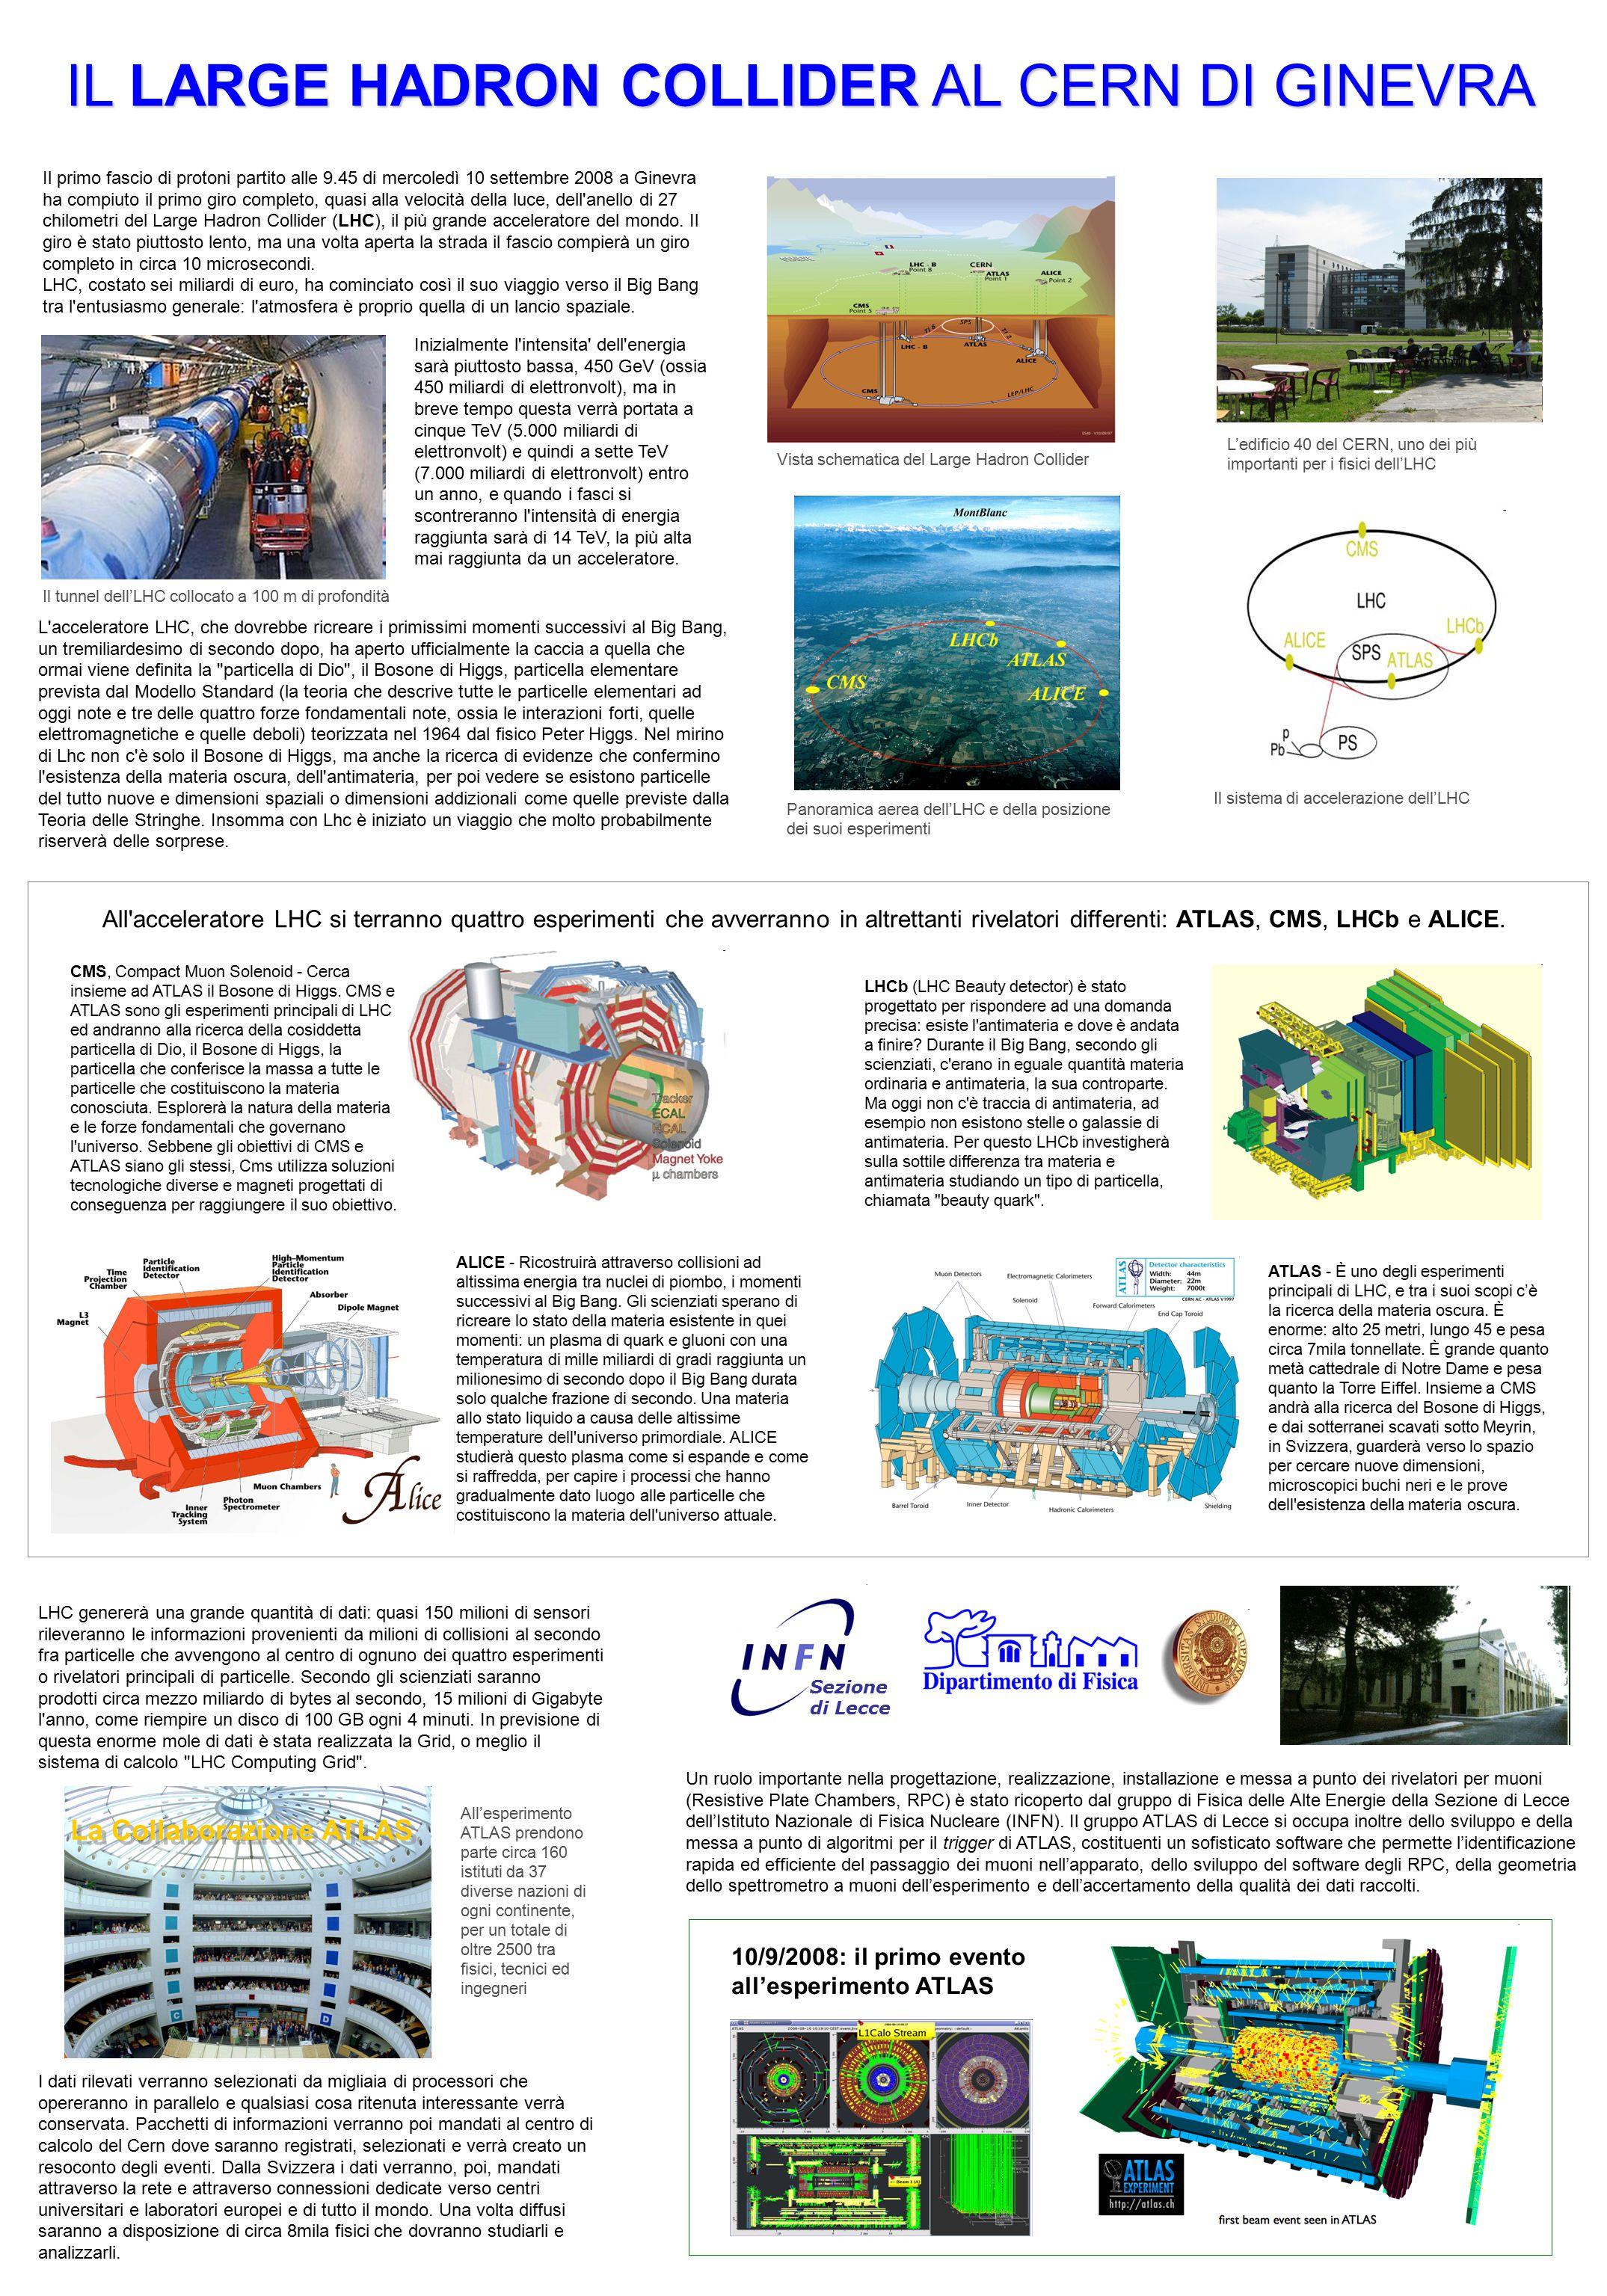 Il primo fascio di protoni partito alle 9.45 di mercoledì 10 settembre 2008 a Ginevra ha compiuto il primo giro completo, quasi alla velocità della luce, dell anello di 27 chilometri del Large Hadron Collider (LHC), il più grande acceleratore del mondo.